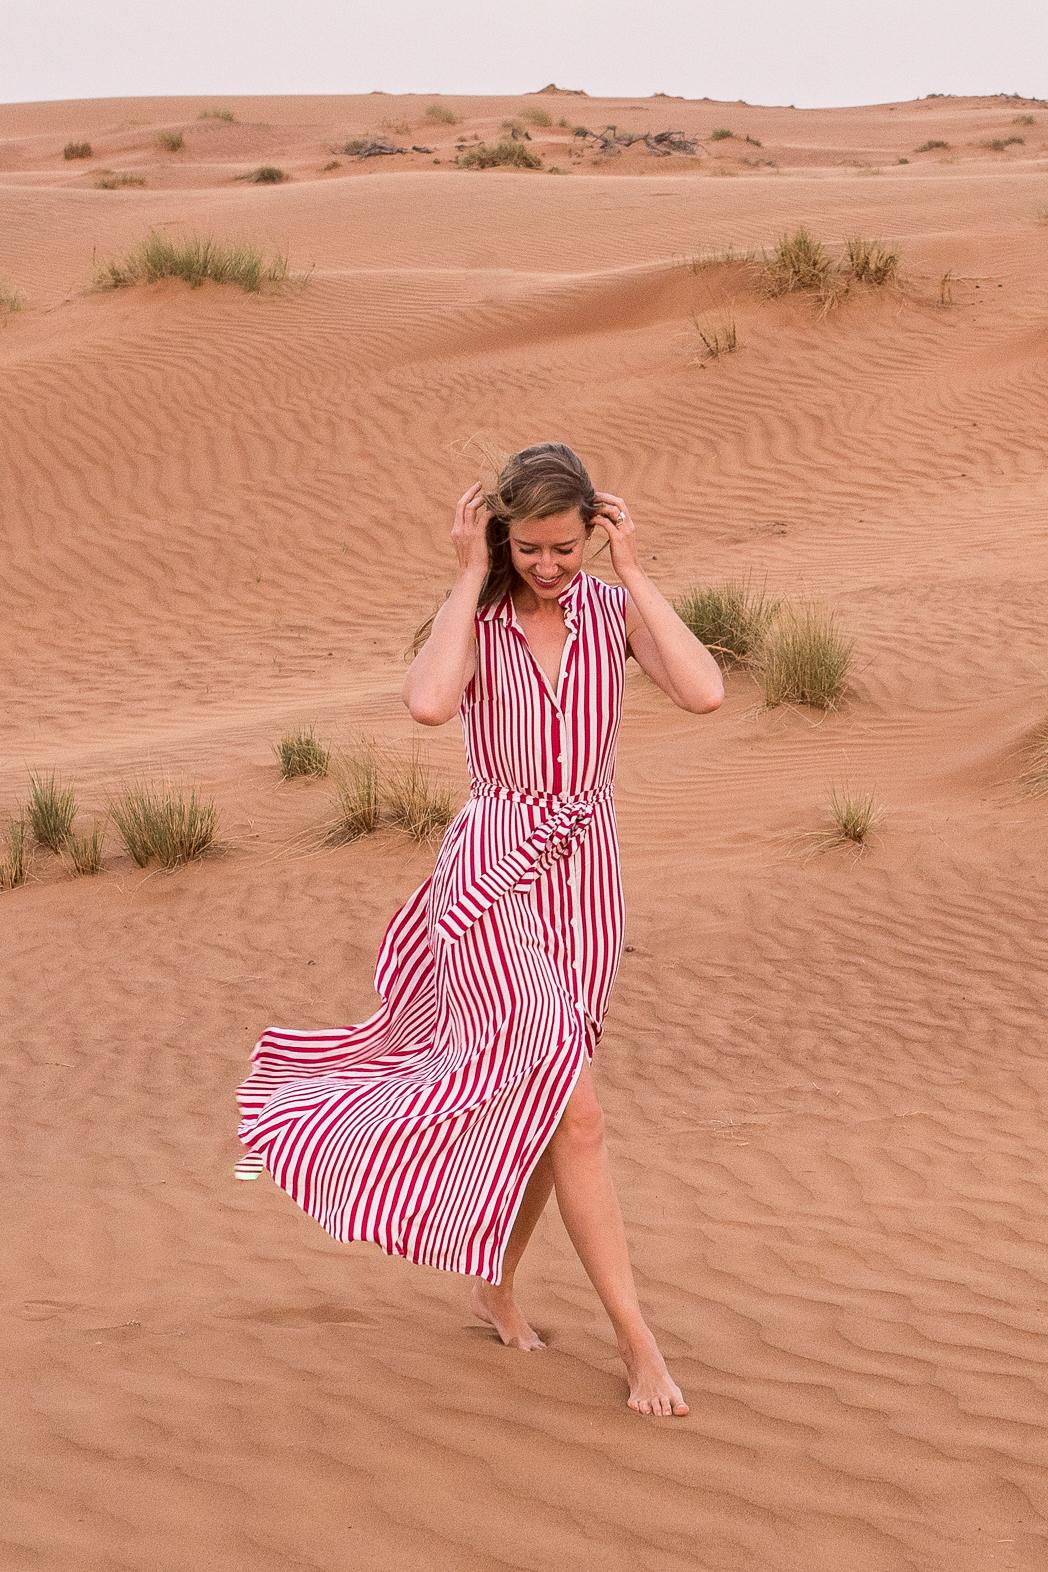 Stacie Flinner Hud Hud Travels Glamping Oman-10.jpg